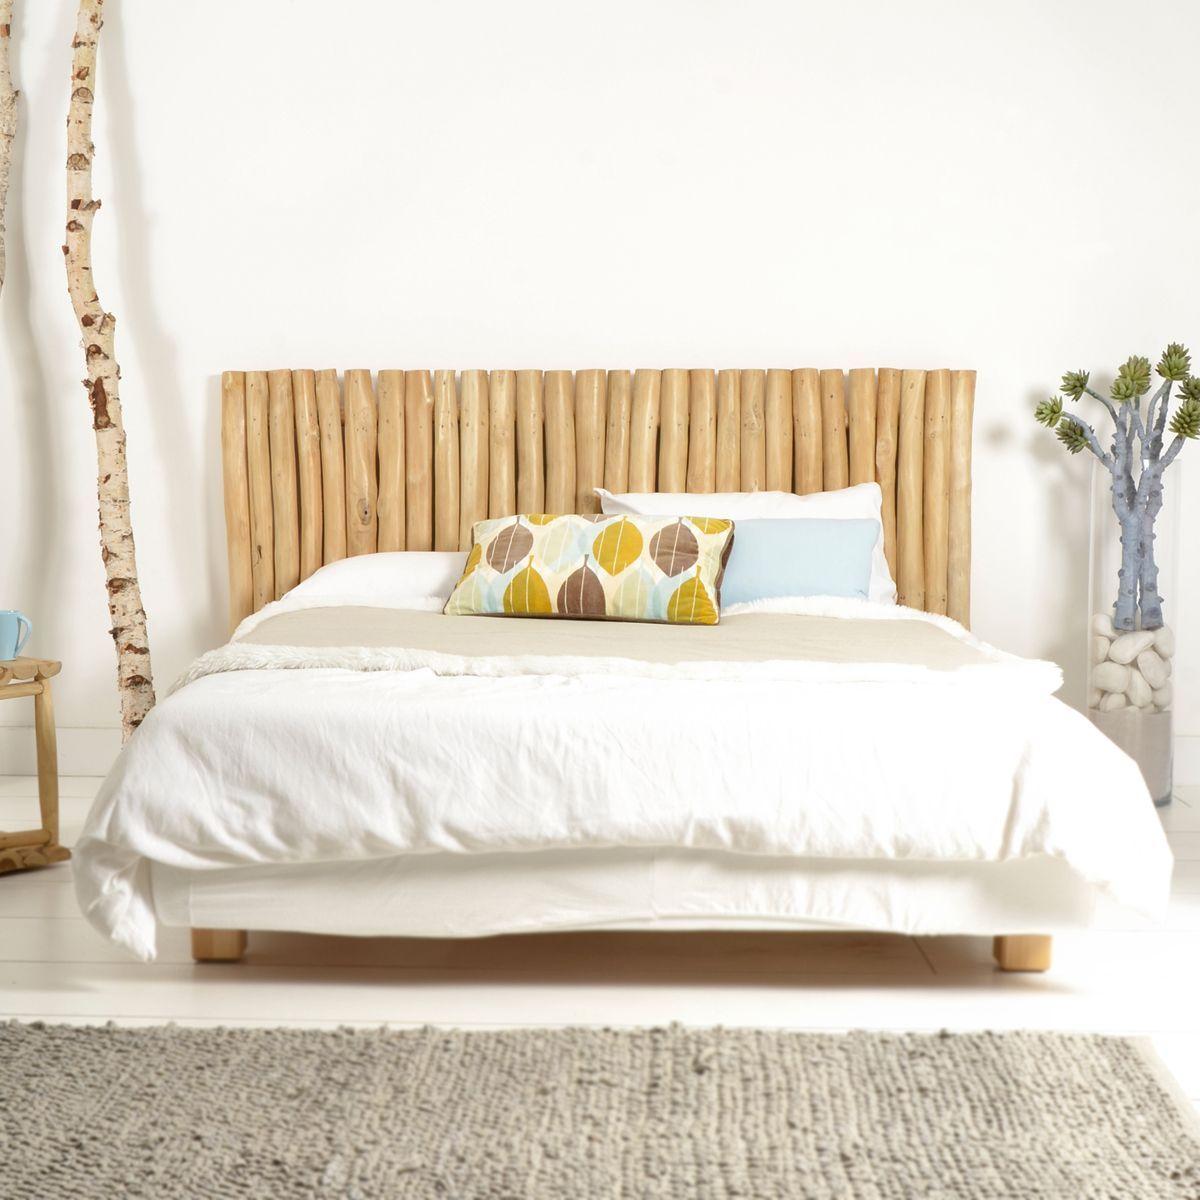 Bett aus treibholz  Kopfteil Bett aus Treibholz 180 River | Interior Ideen | Pinterest ...